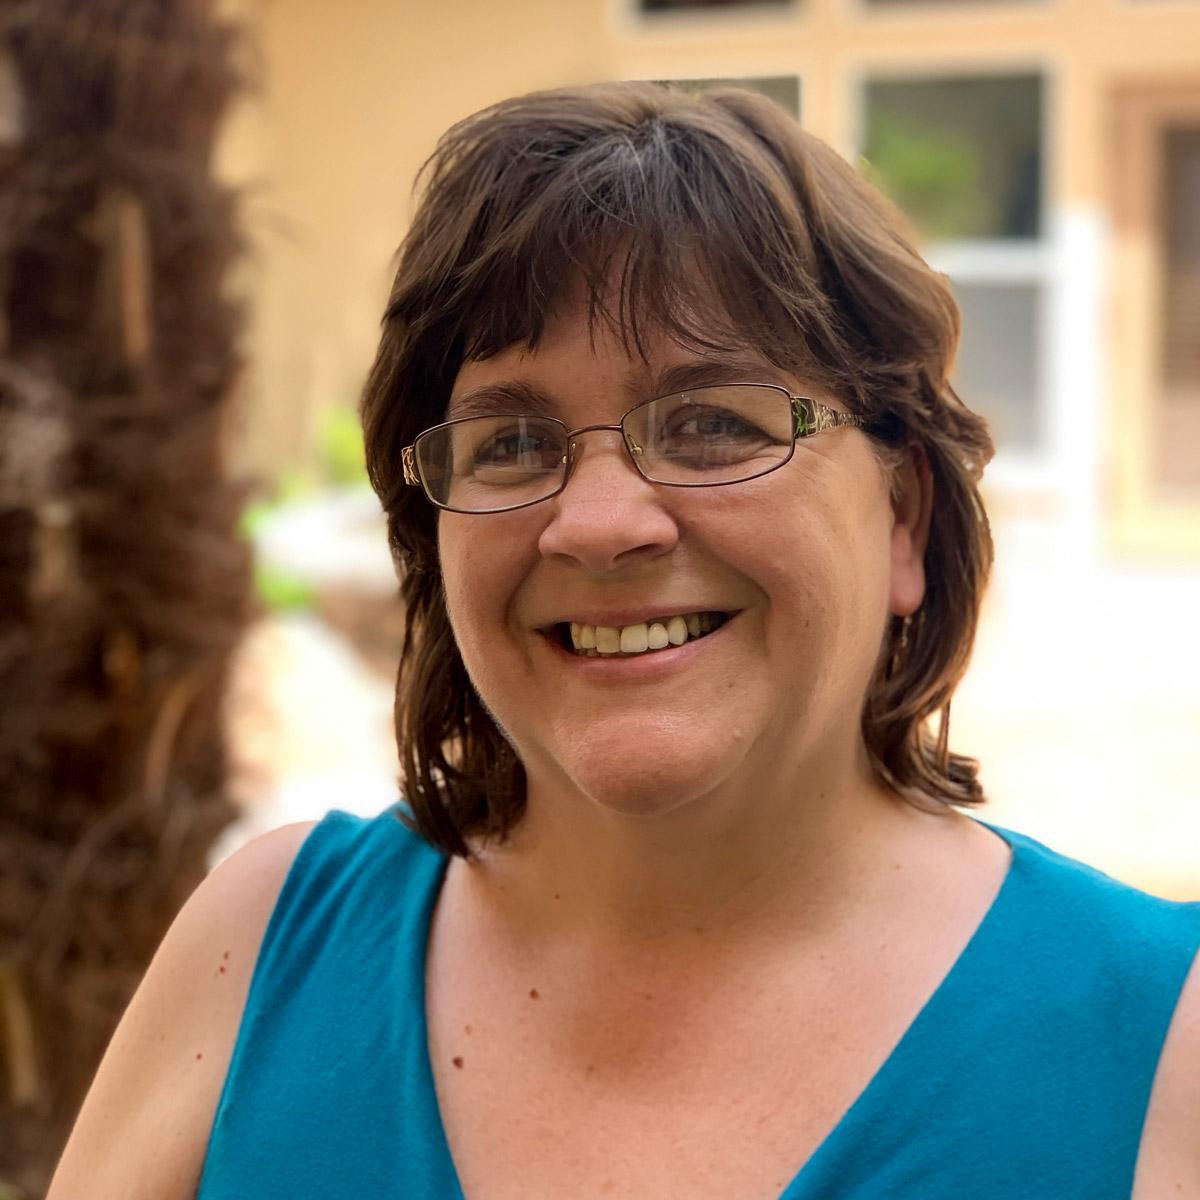 Angie Swaim